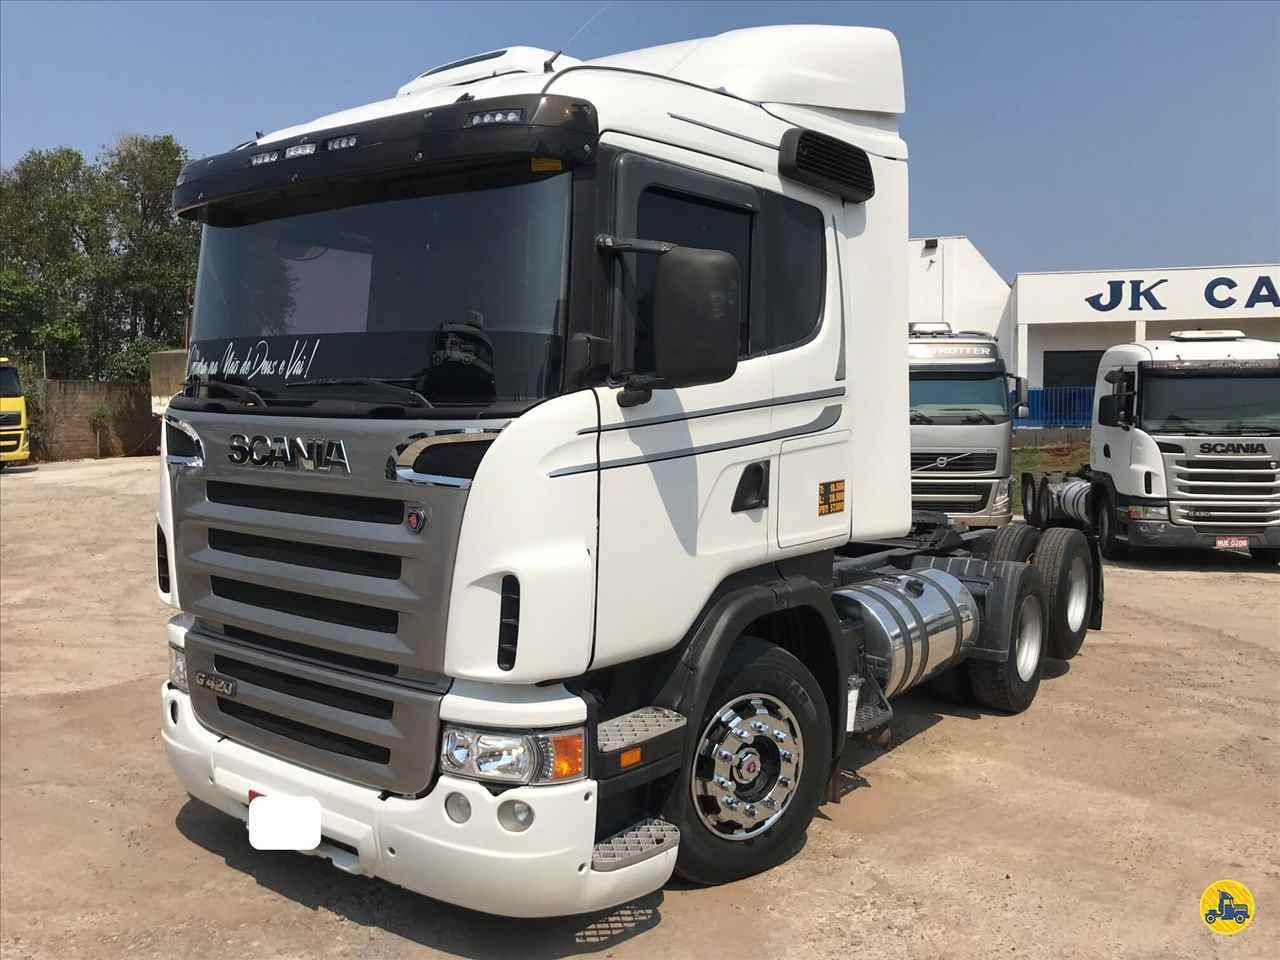 CAMINHAO SCANIA SCANIA 124 420 Cavalo Mecânico Truck 6x2 JK Caminhões PR SARANDI PARANÁ PR